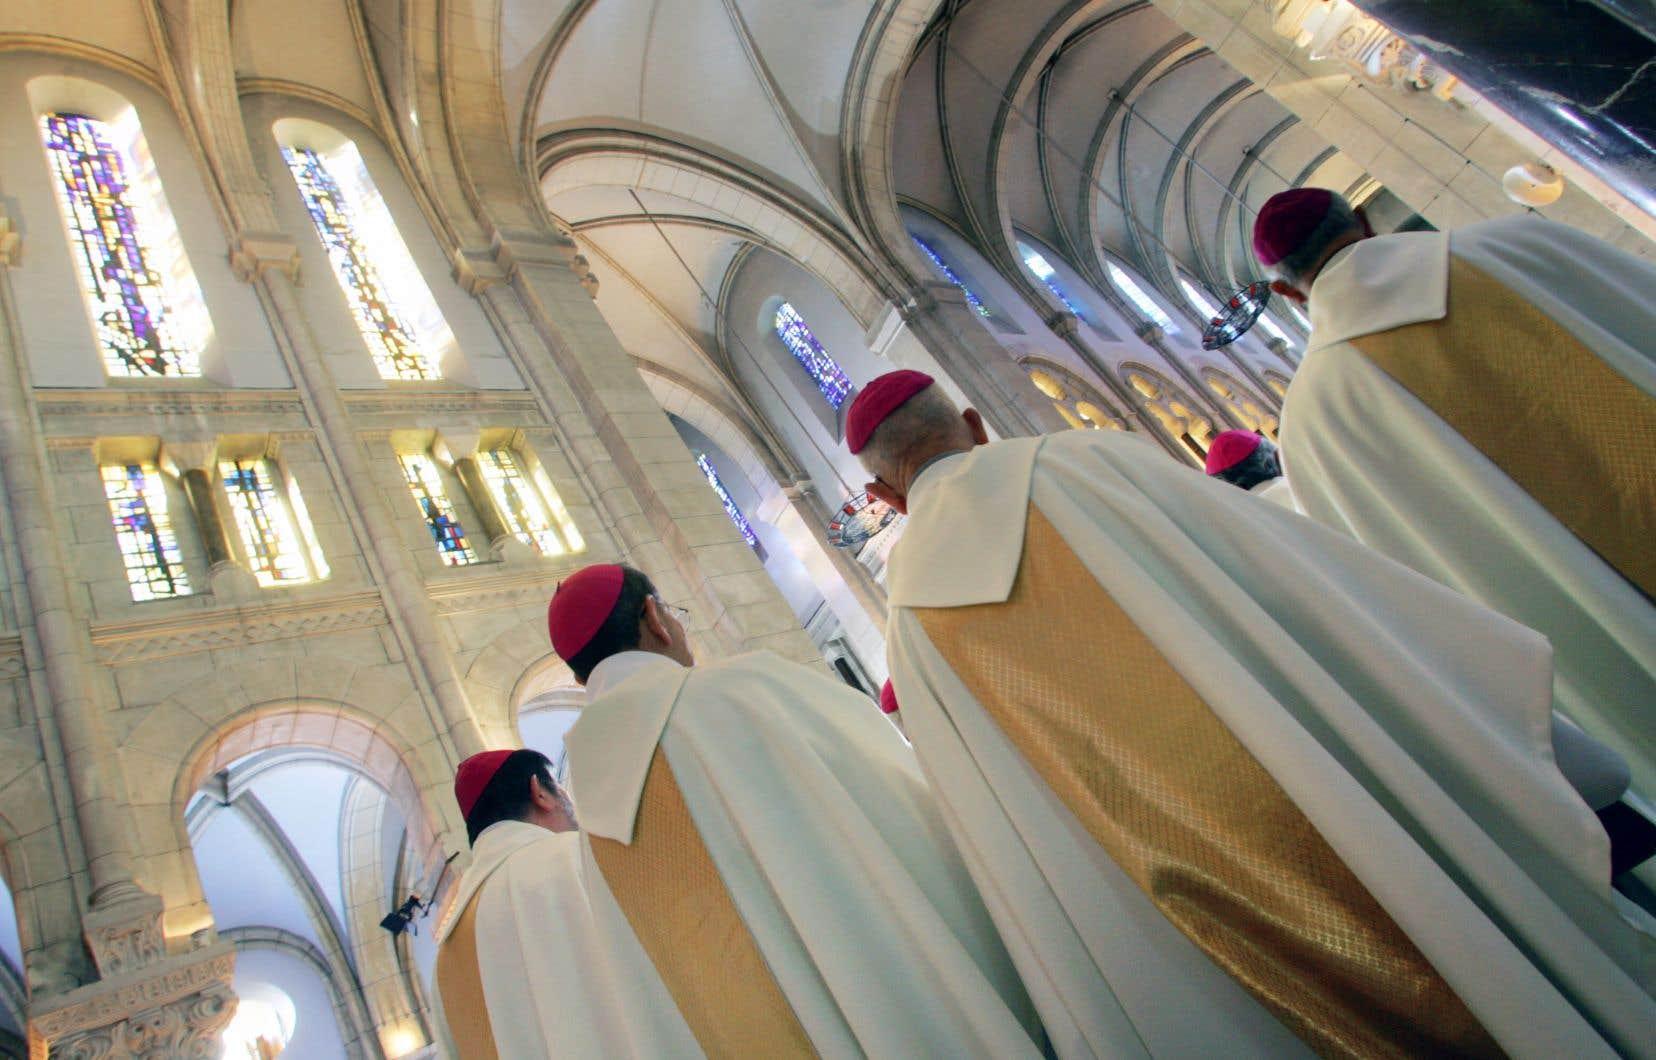 Une première évaluation de l'ampleur de la pédocriminalité dans l'Église en France depuis 1950 a été dévoilée par une commission indépendante, qui doit poursuivre ses travaux jusqu'à l'automne 2021.